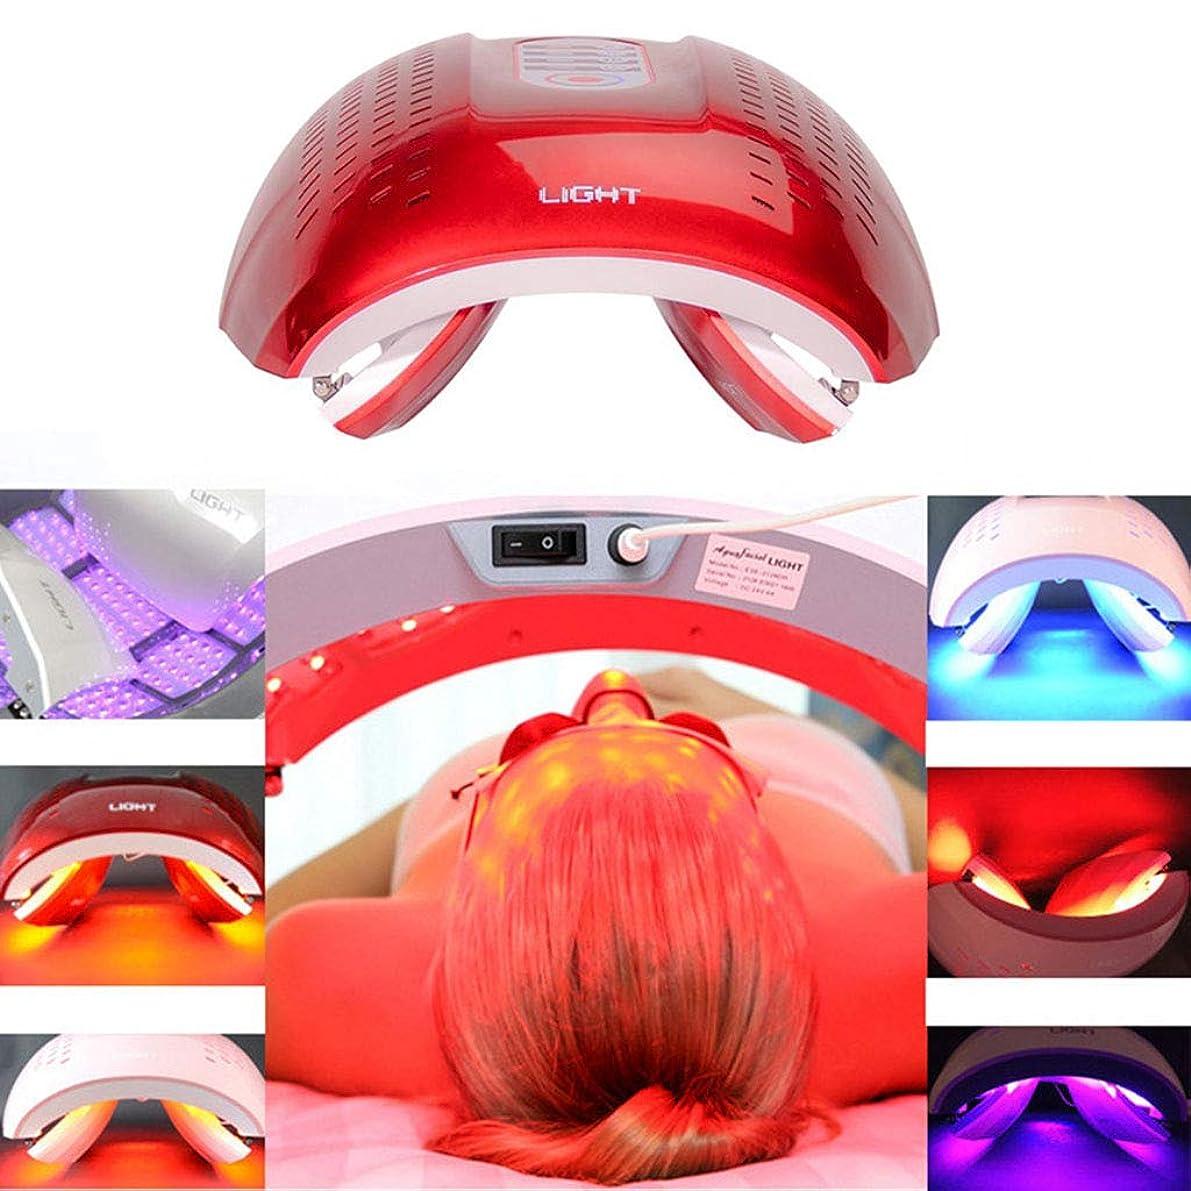 居住者シルク旅行LED光子の顔の若返りの美の器械、4色PDTの分光計、肌の引き締め美白の強化,Red